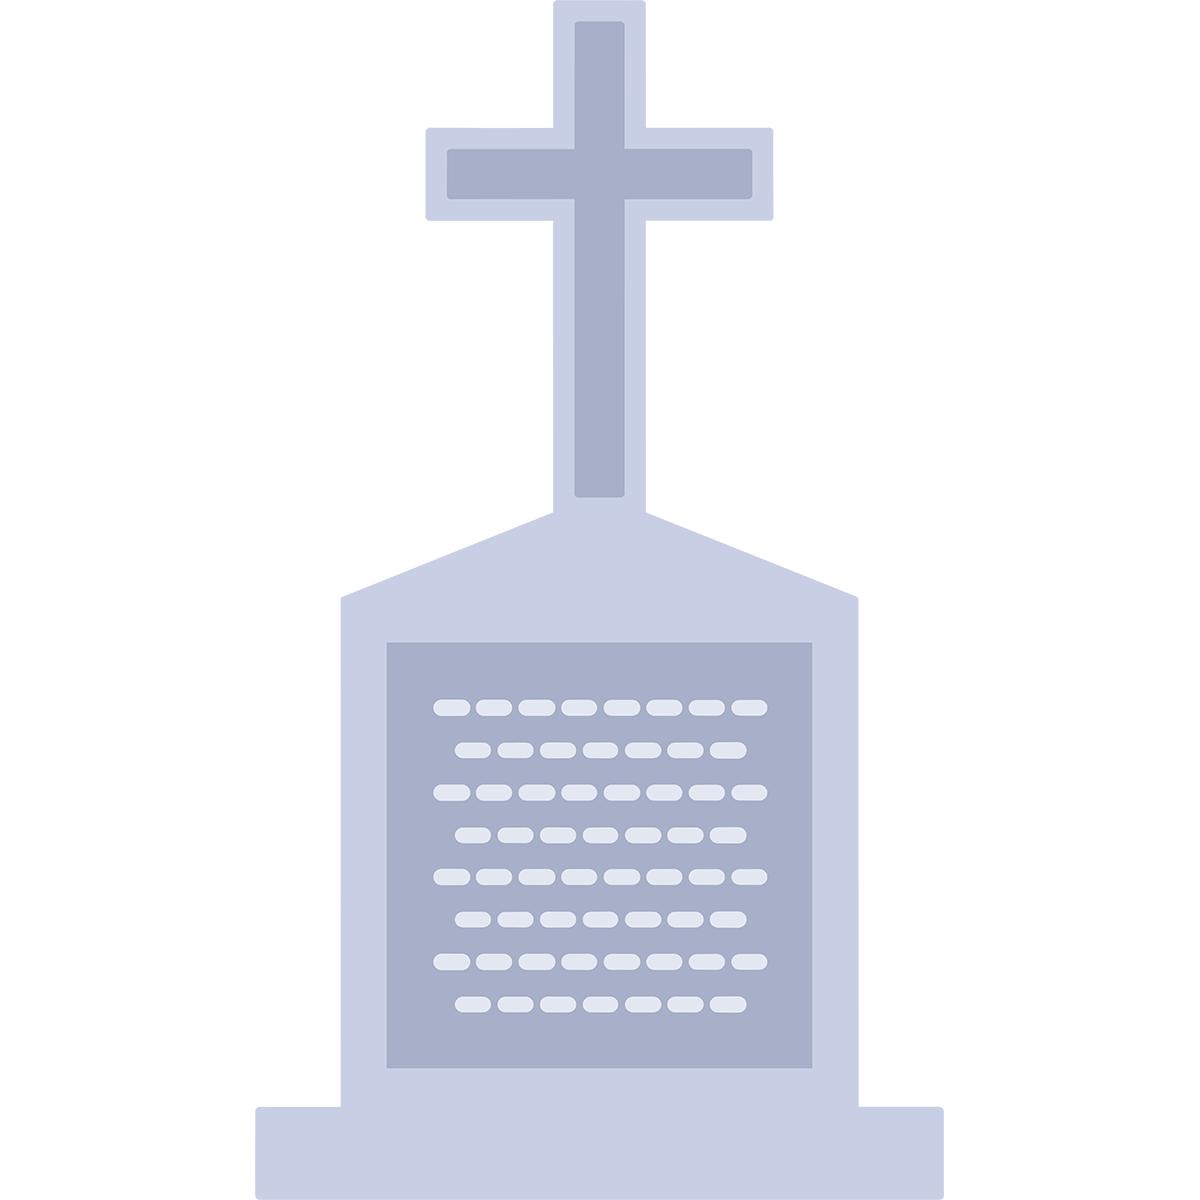 ハロウィンのお墓の無料イラスト